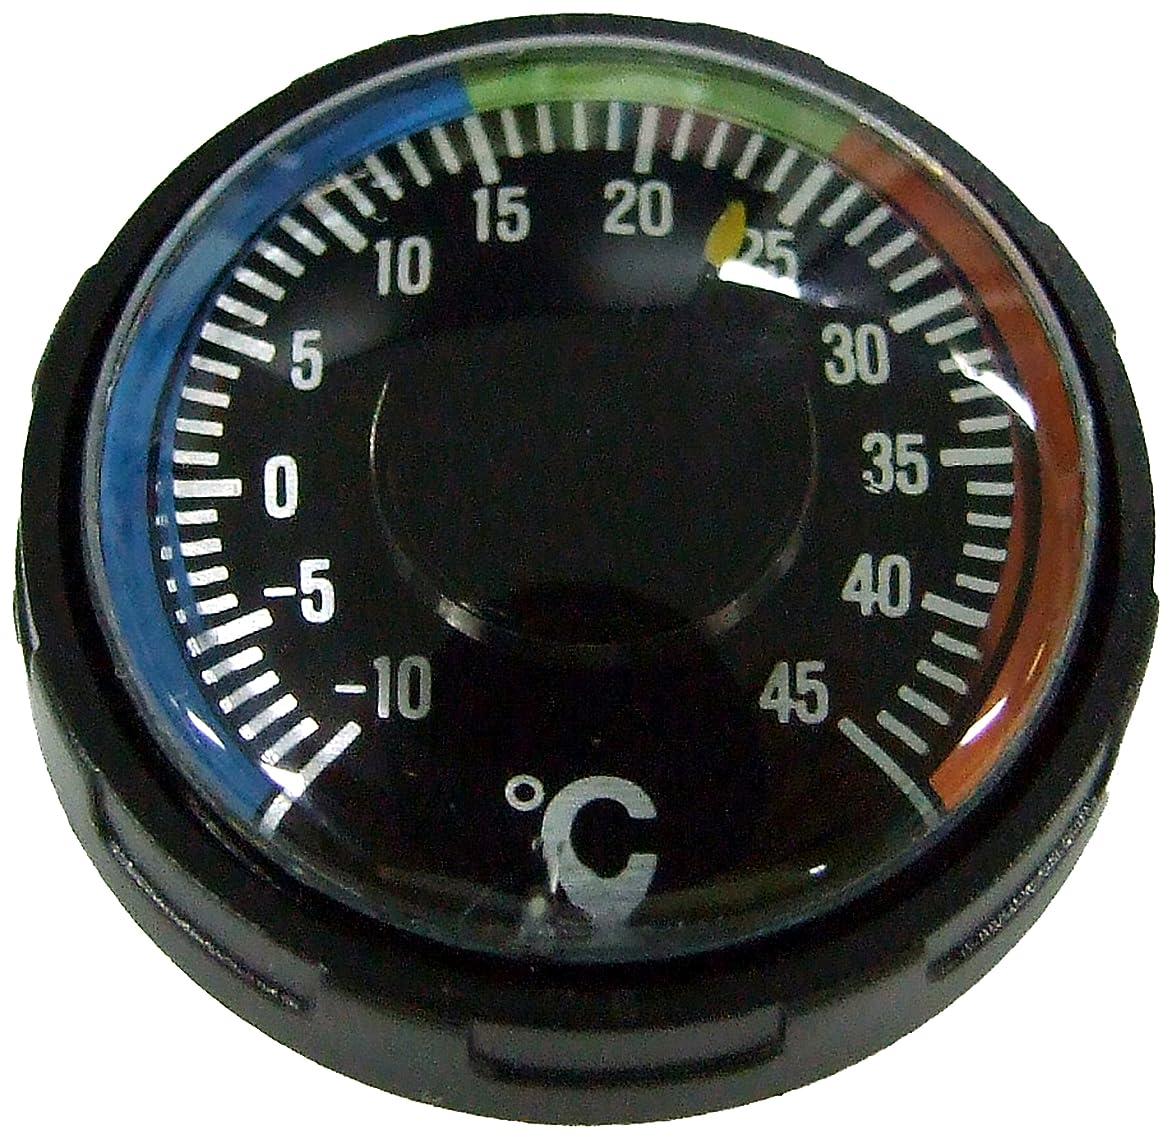 バーマドまぶしさ救援YCM 温度計 ダイバーサーモメーター オイル式 20気圧防水 ブラック NO60D